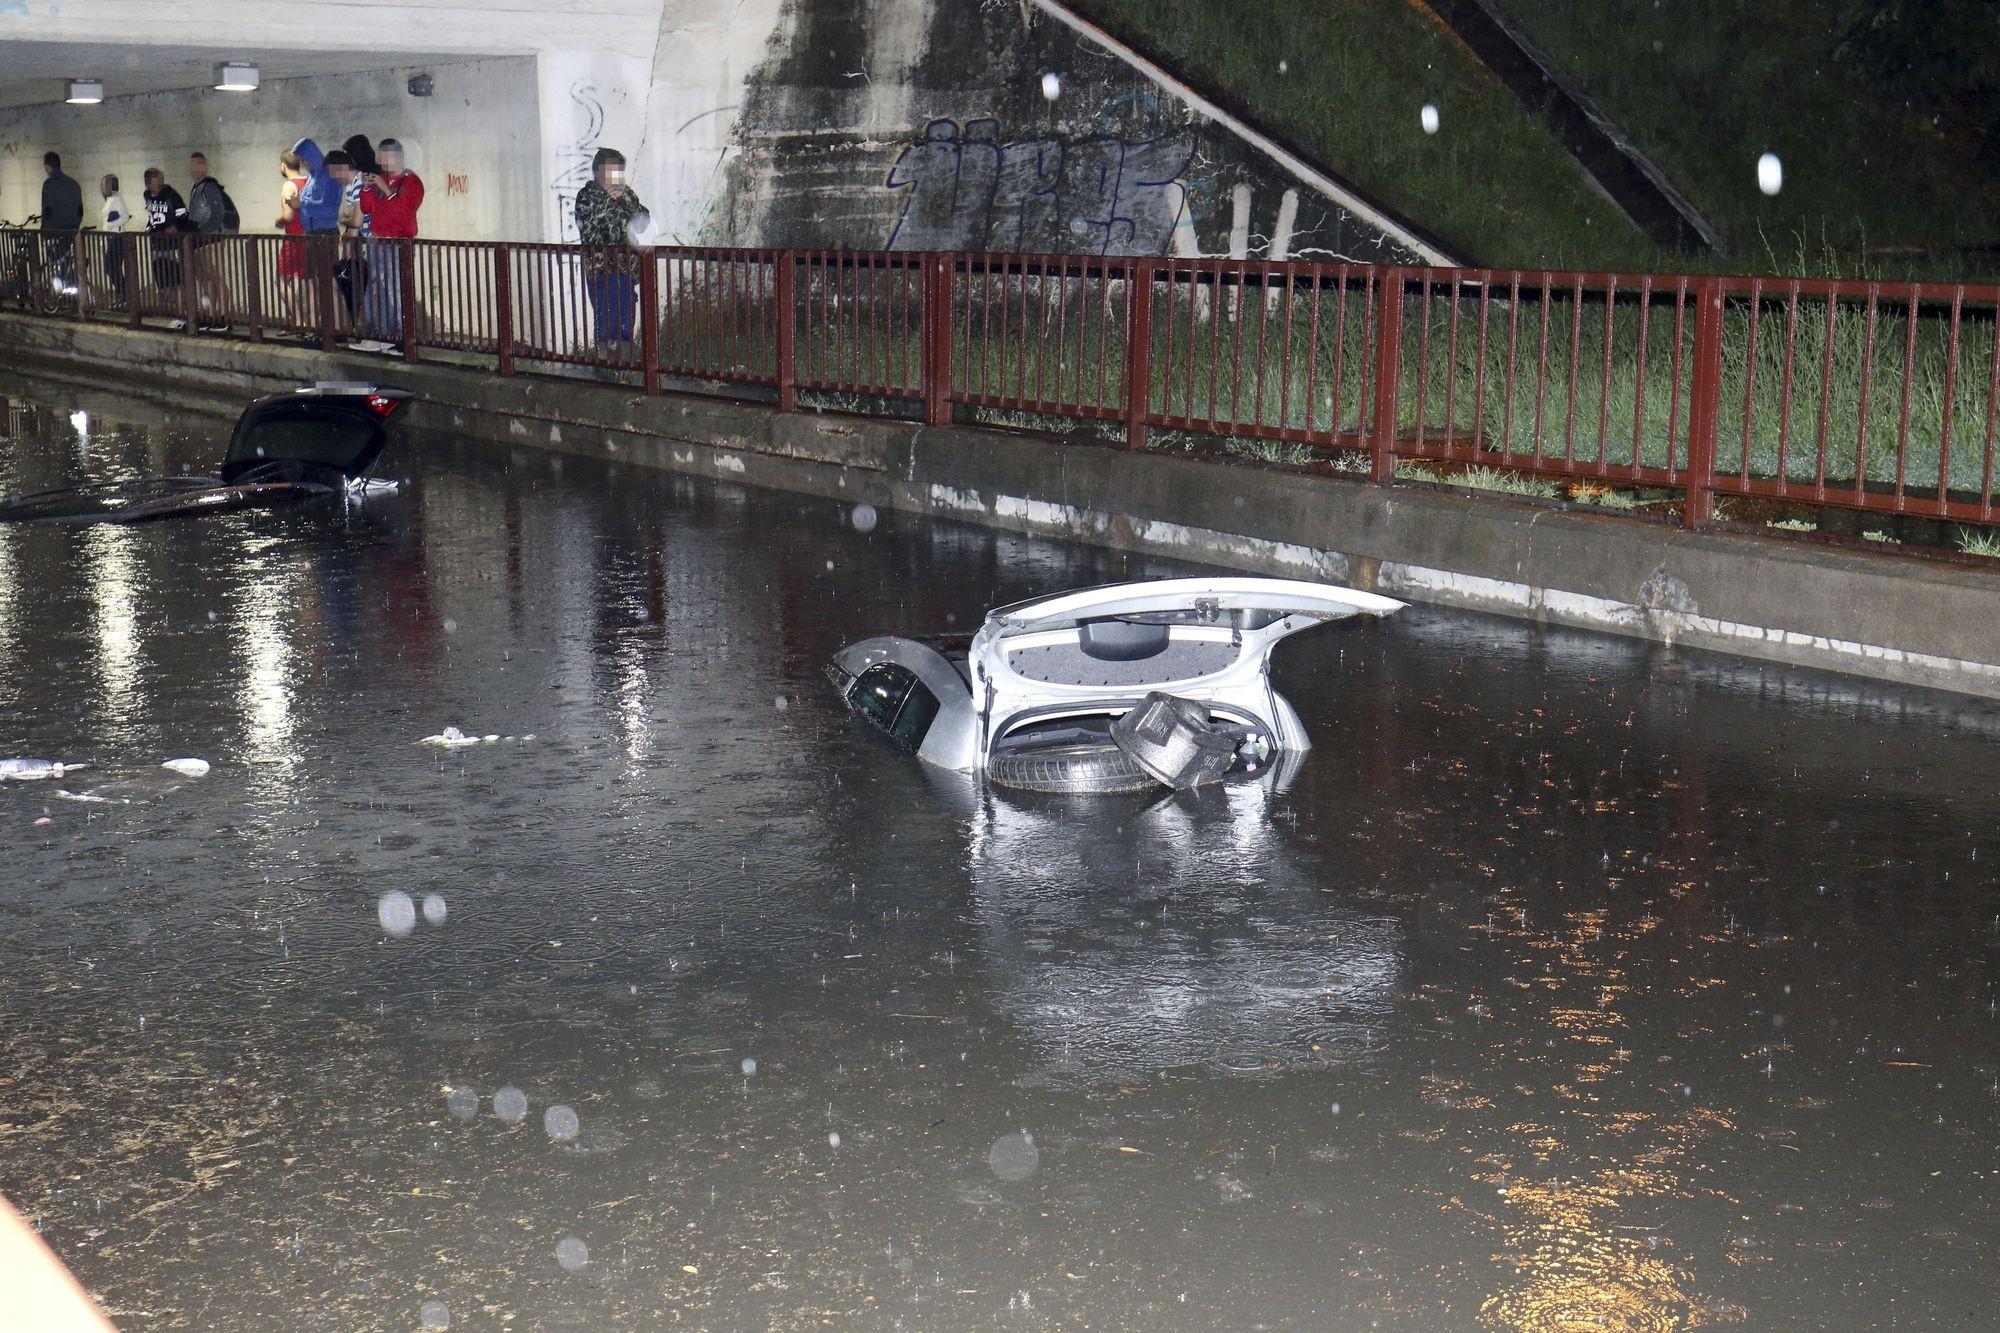 Felhőszakadás után autók merültek el az esővízben Szolnokon